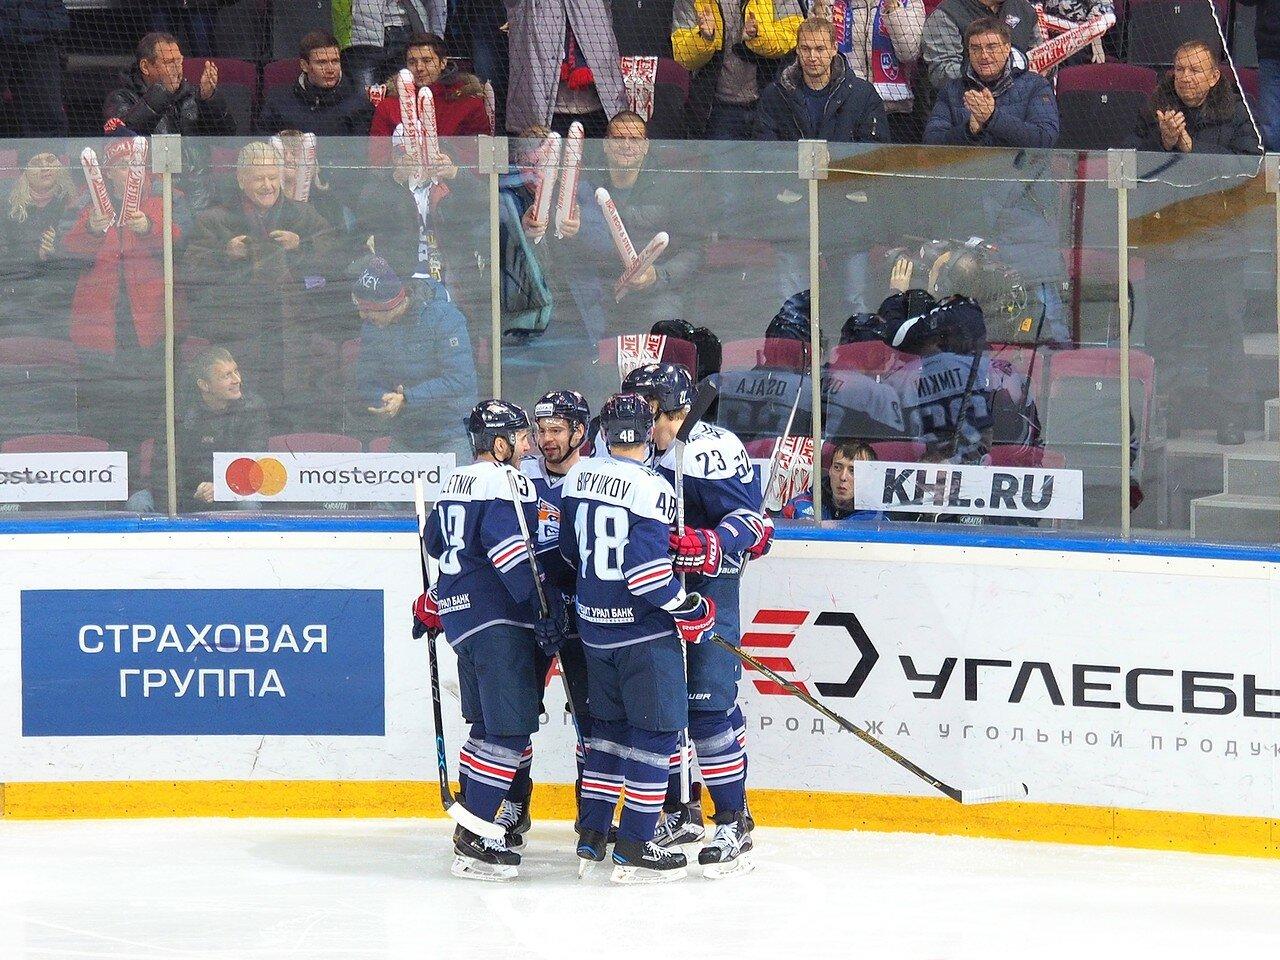 80Металлург - Динамо Москва 21.11.2016